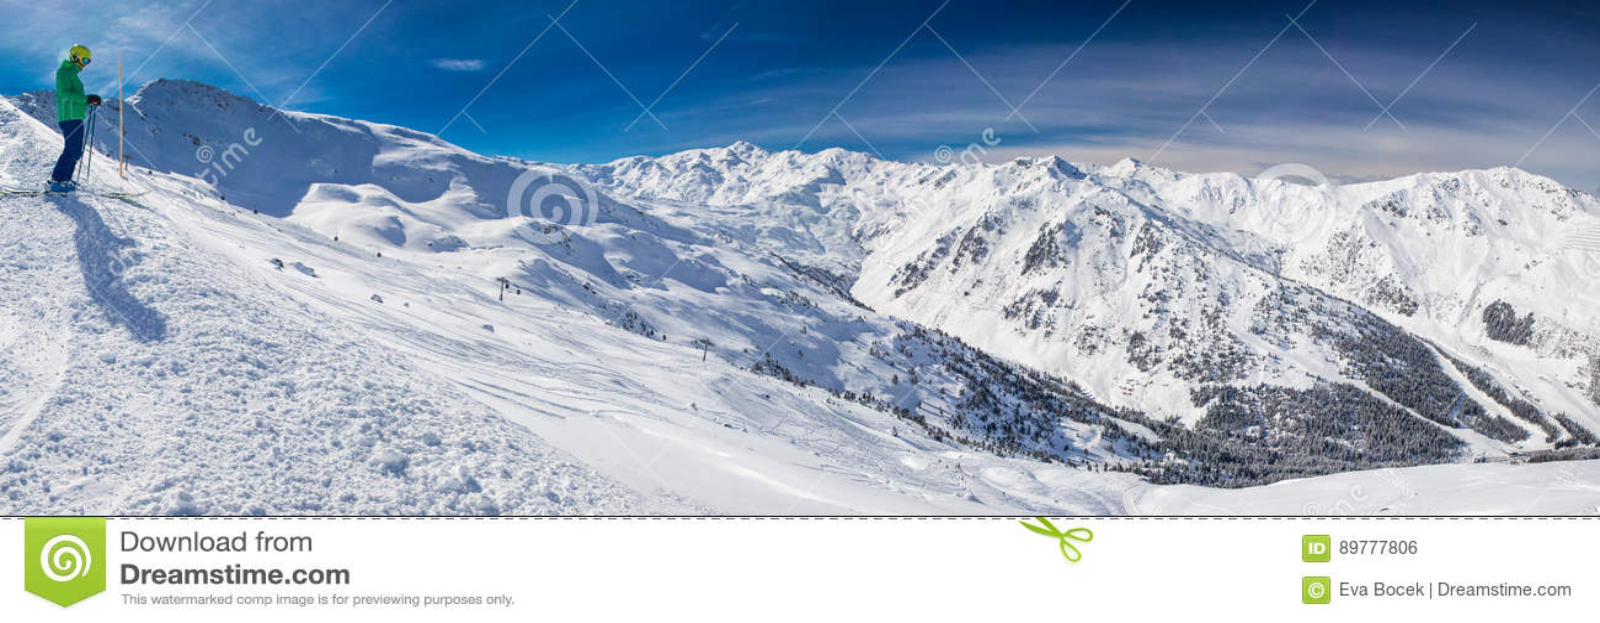 equipez apprecier la stupefaction avant le ski de freeride dans la station de sports d hiver celebre dans des alpes de tyrolian zillertal autriche